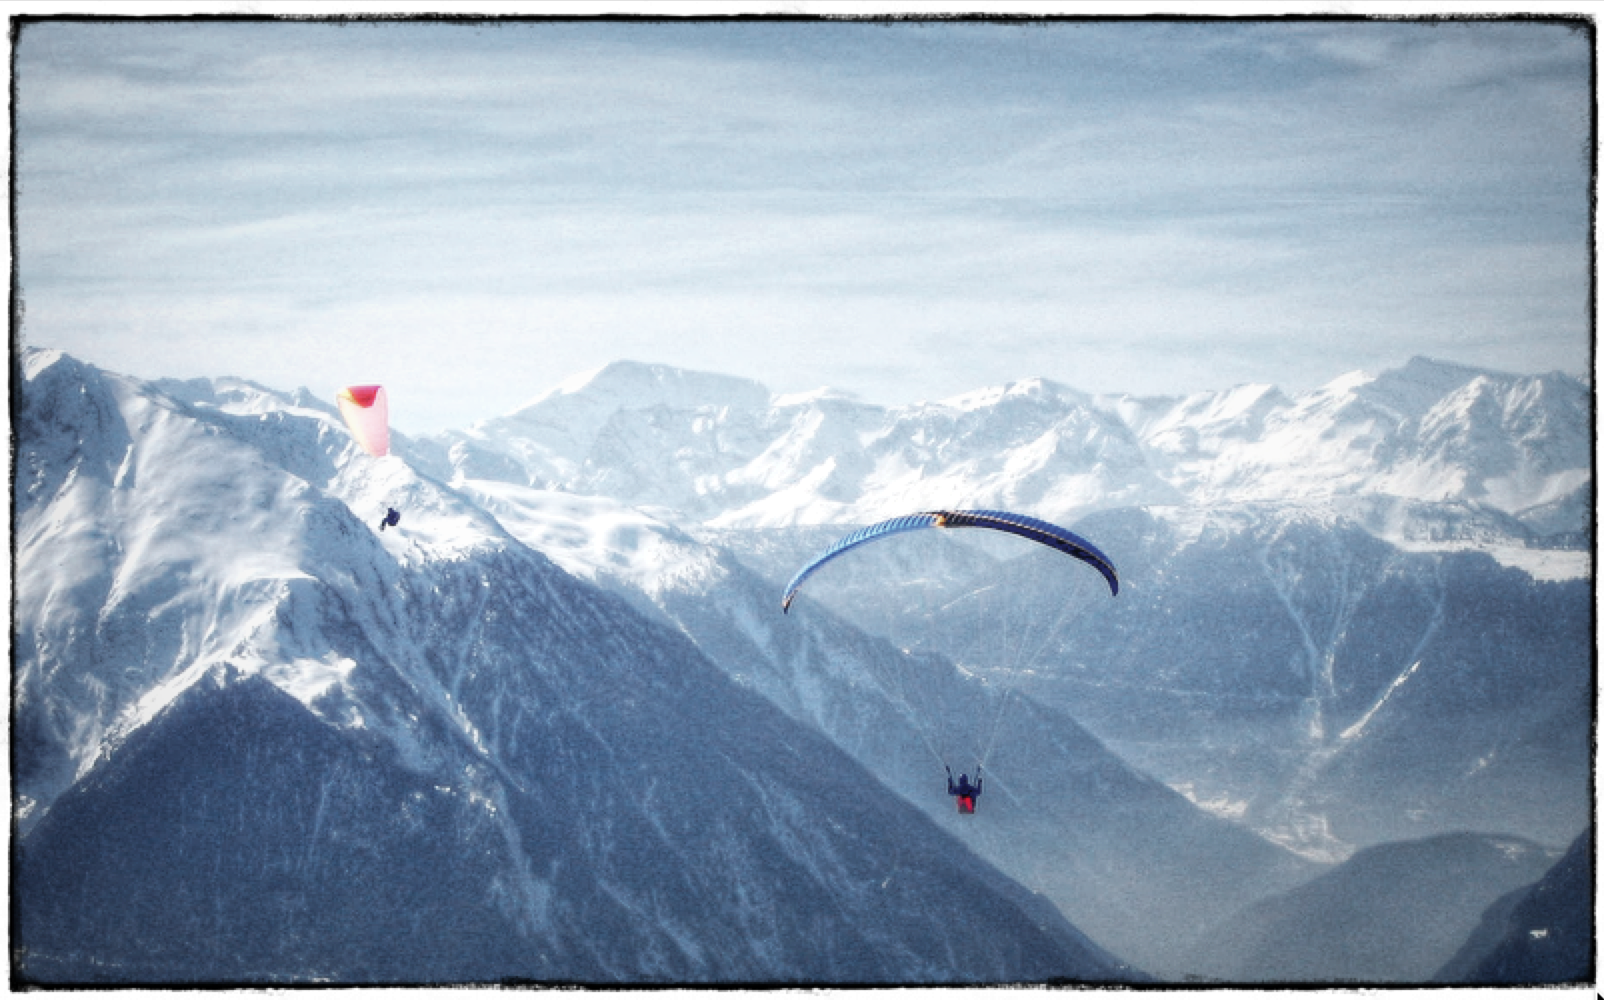 A Verbier, l'on plane toujours… (berntsonlars sur [Pixabay][4])